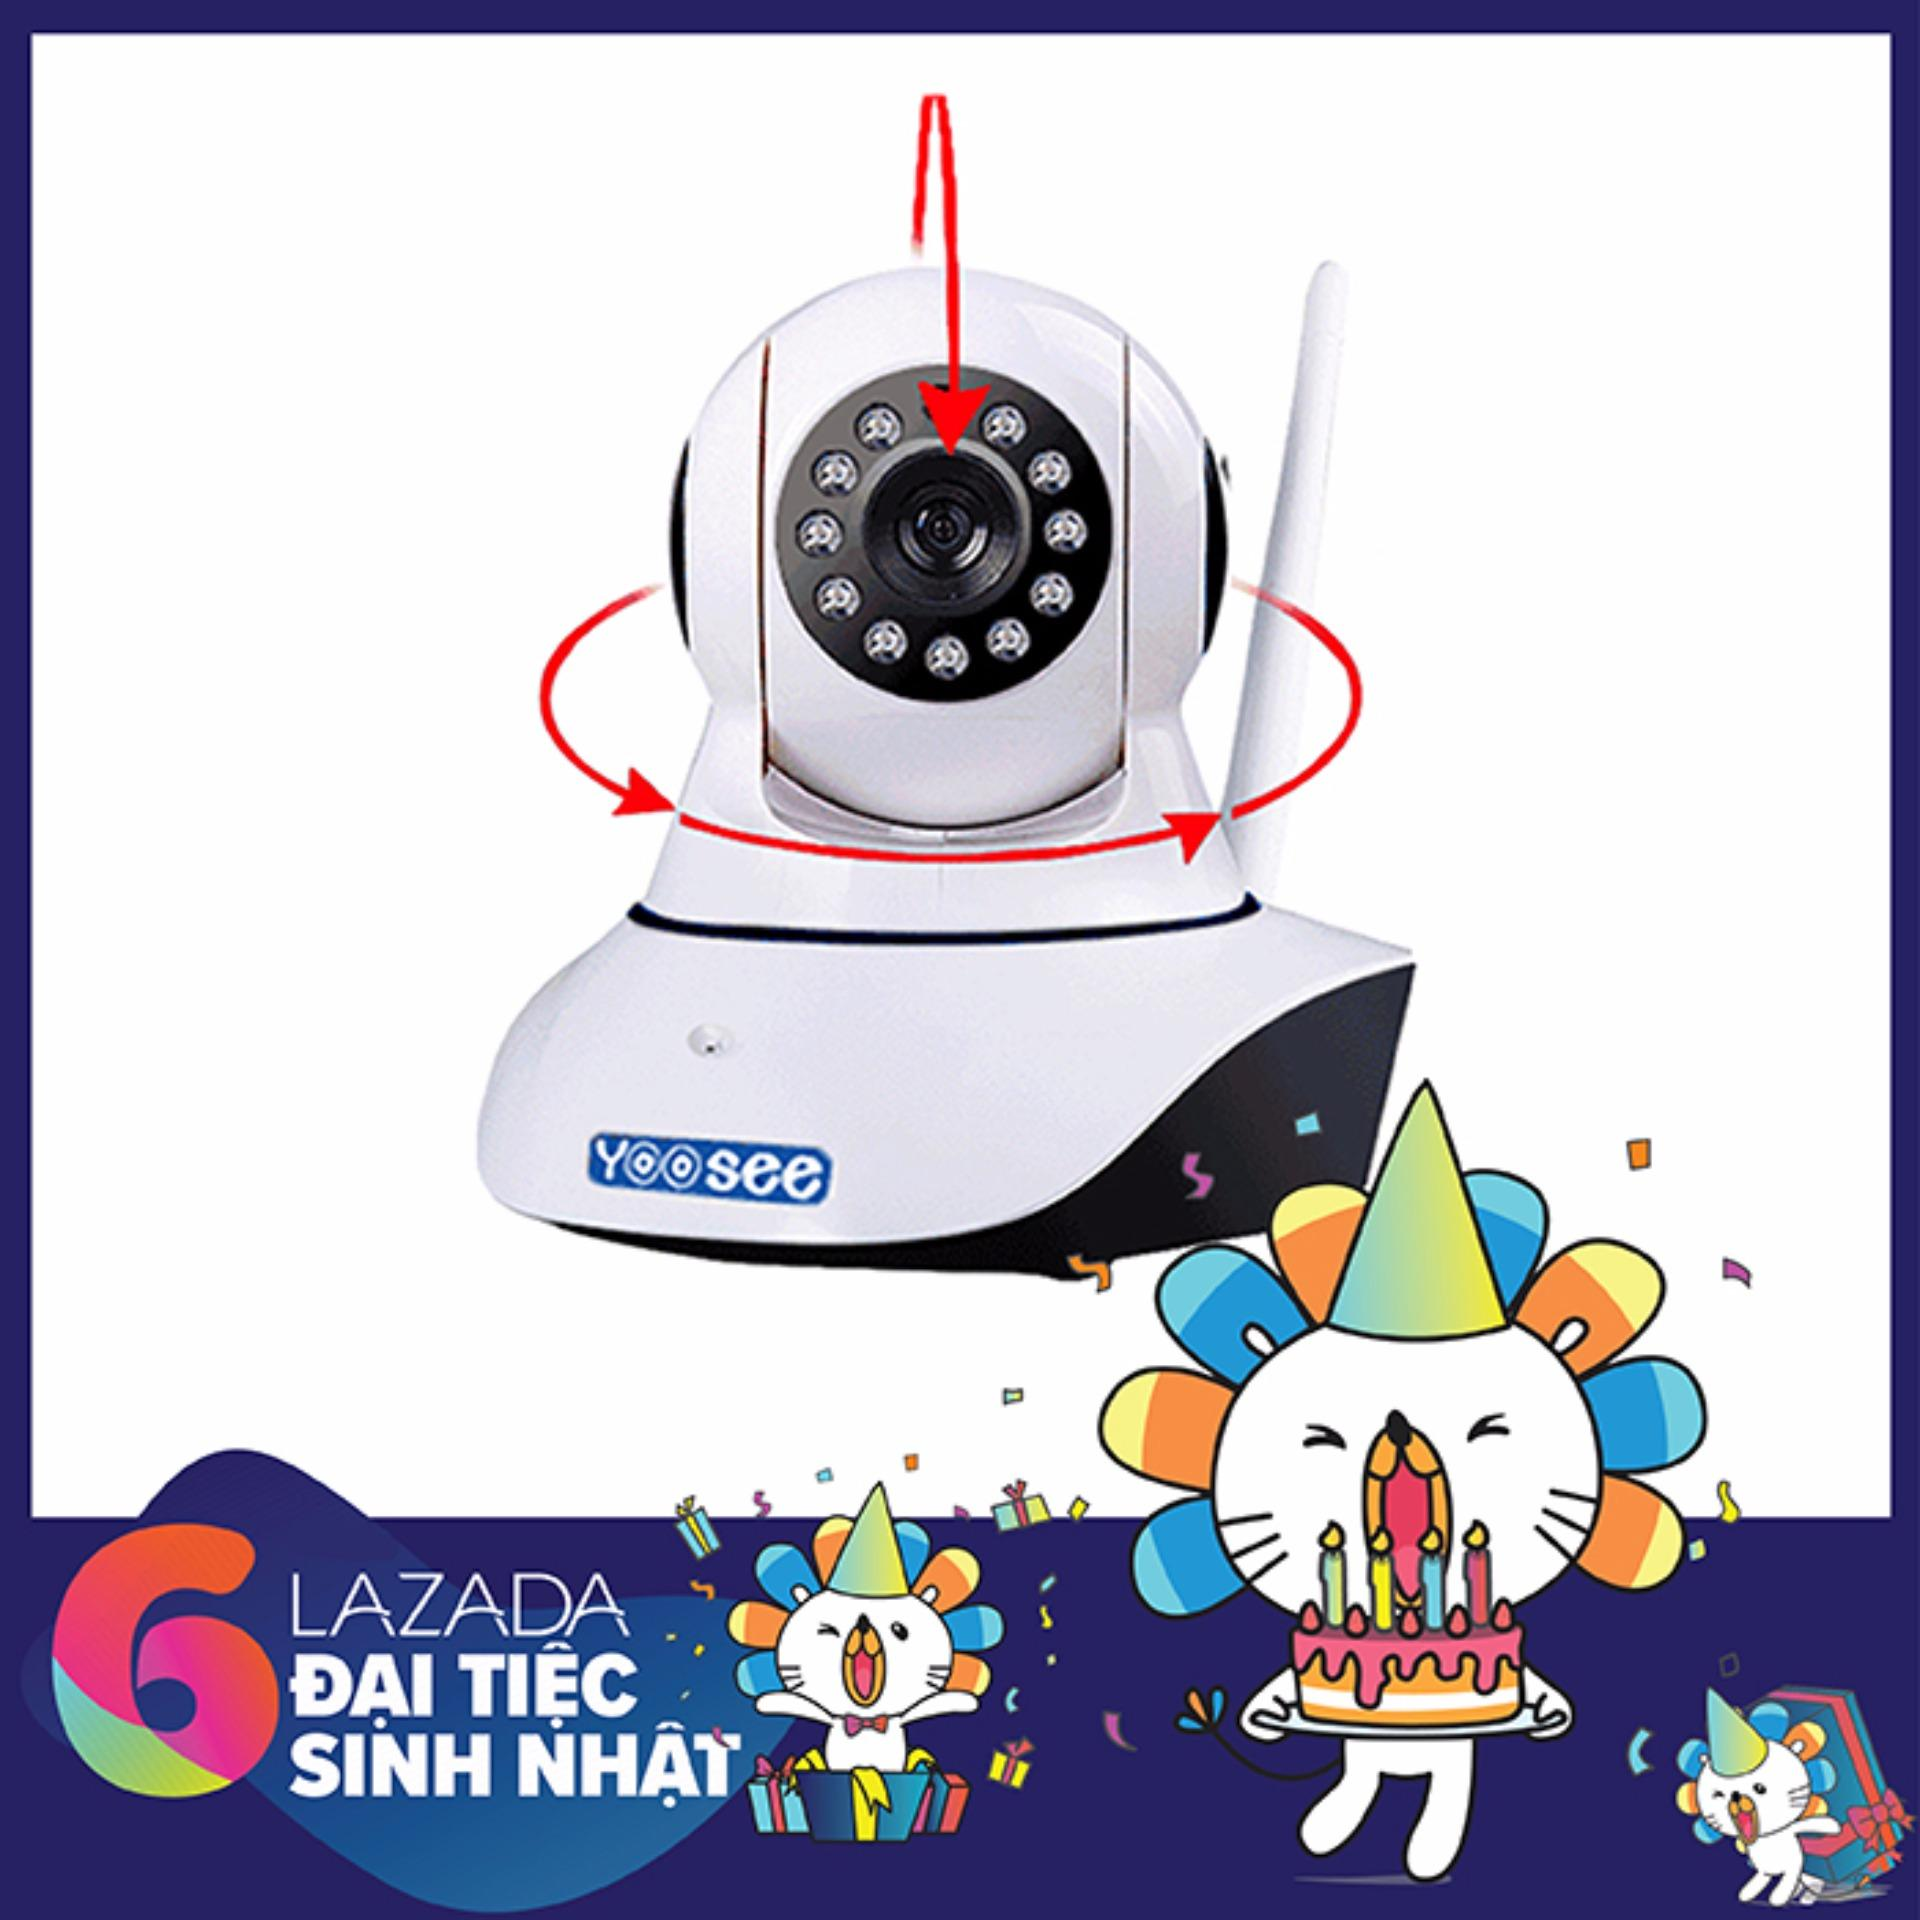 Bán Bộ Camera An Ninh Ip Yoosee Ipc Z06H 2 Anten 960P Hd Wifi Bao Động Bảo Hanh 12 Thang Có Thương Hiệu Nguyên